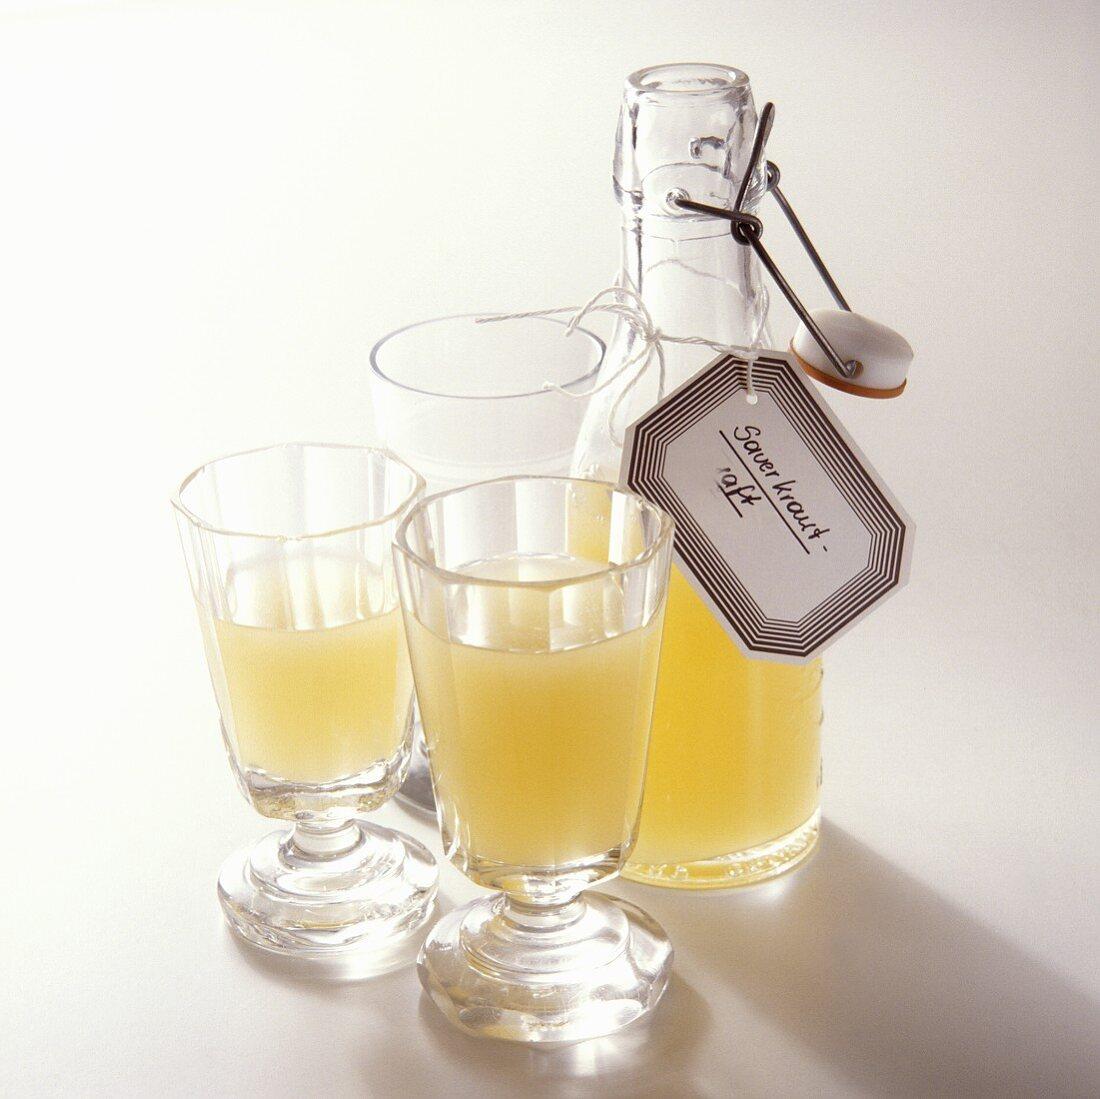 Sauerkraut Juice